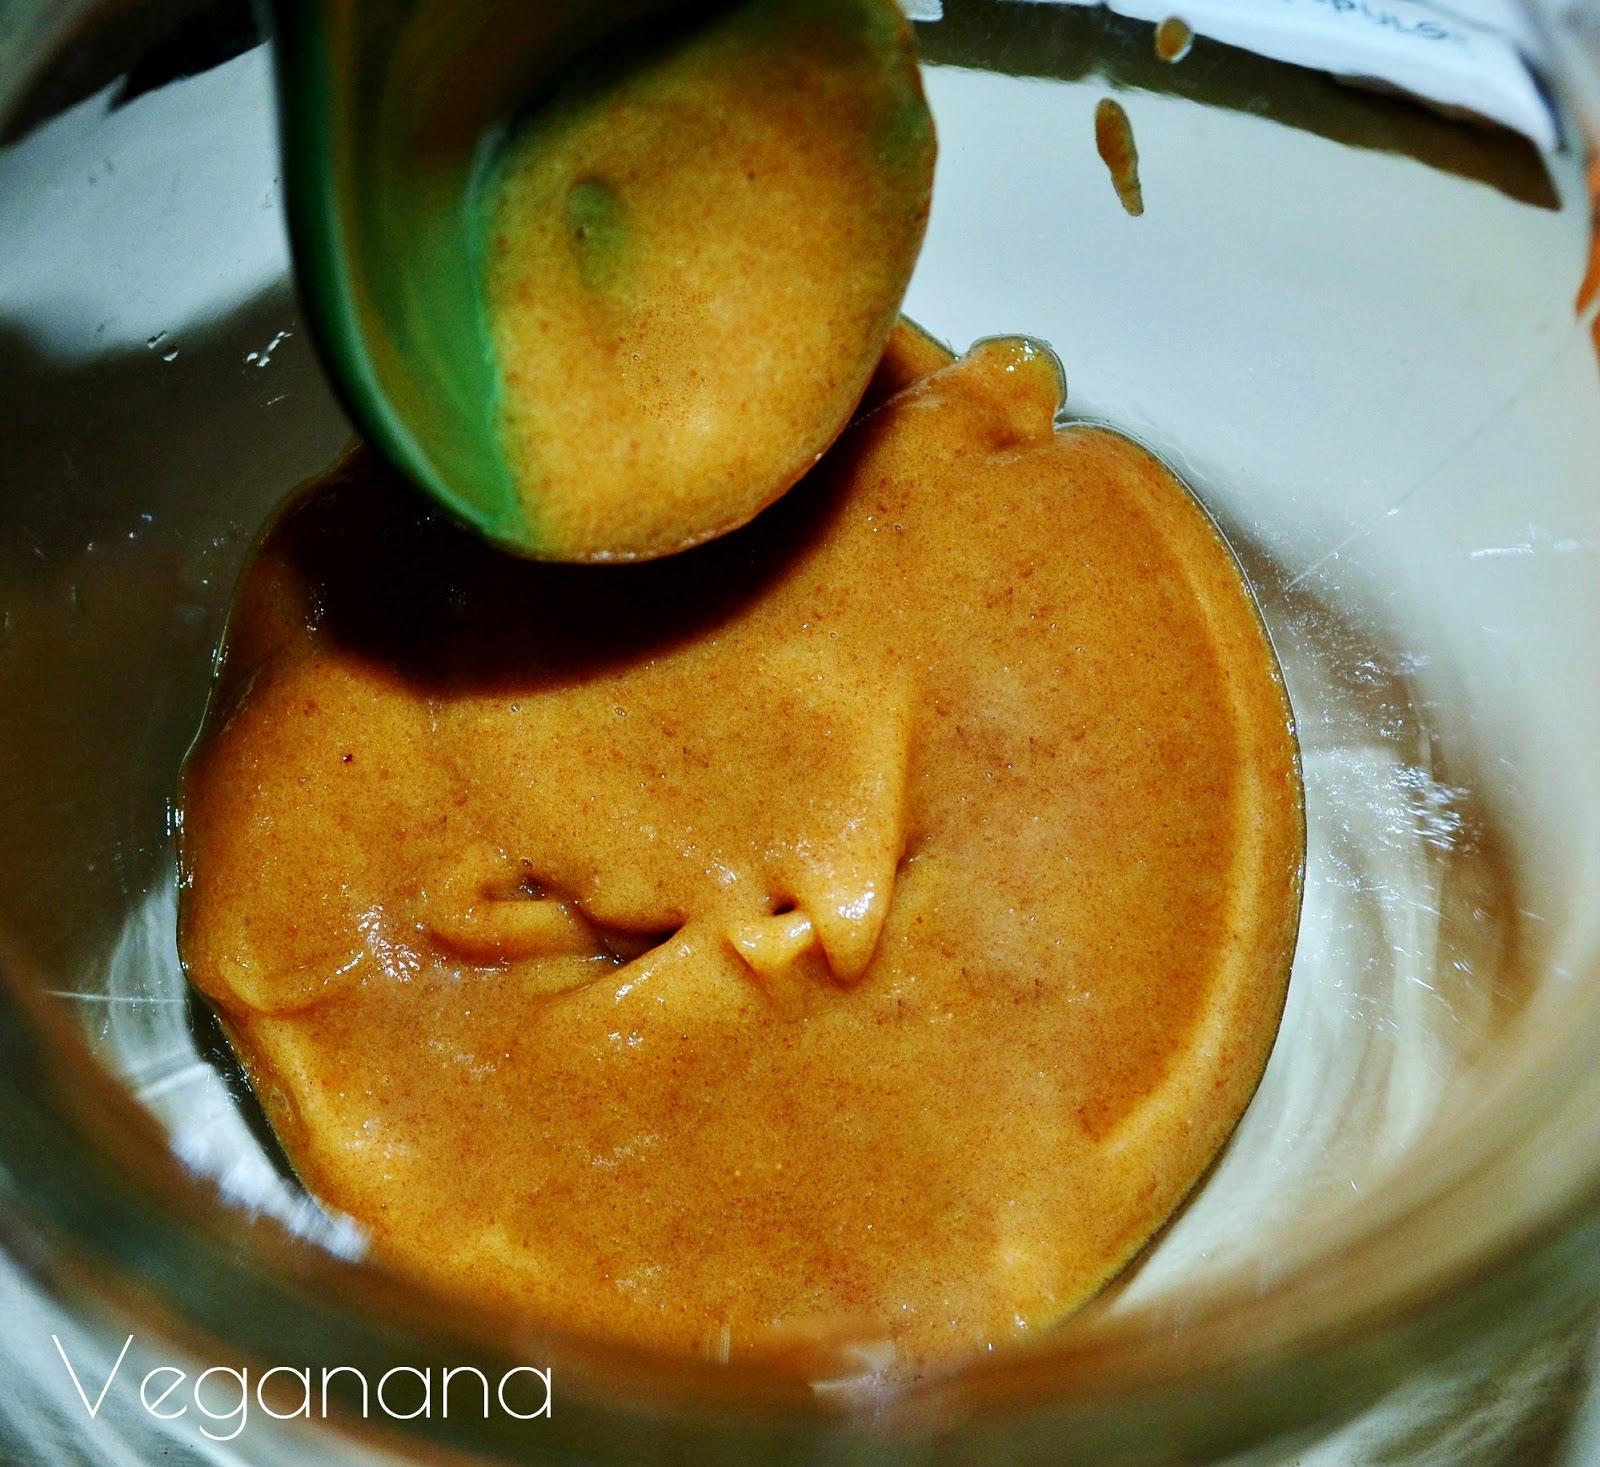 Top Caramelo de Tâmaras - Veganana EH69